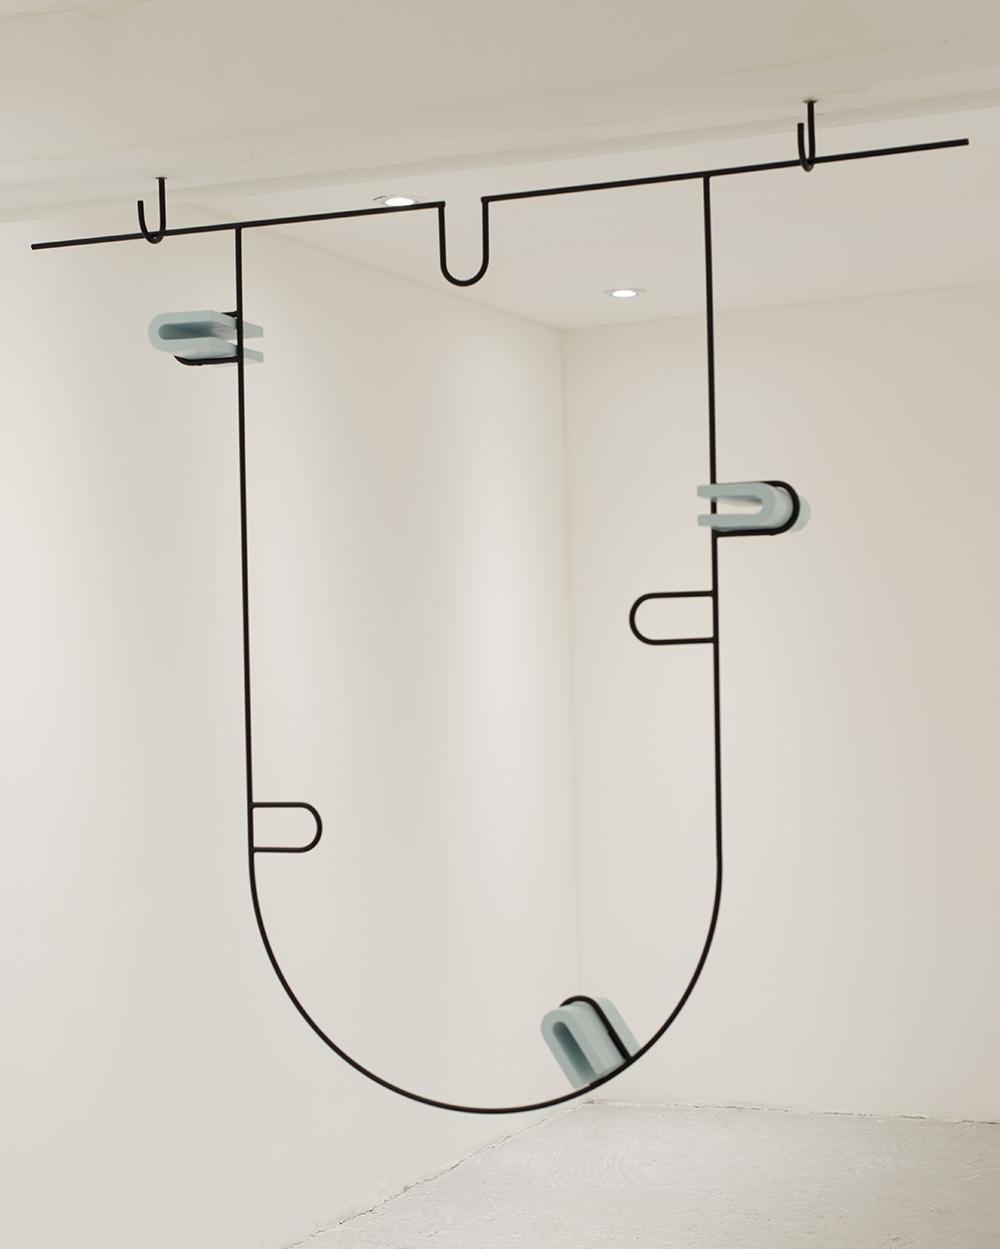 Limbo, Steel, lacquer, jesmonite, 120 x 125 x 16 cm